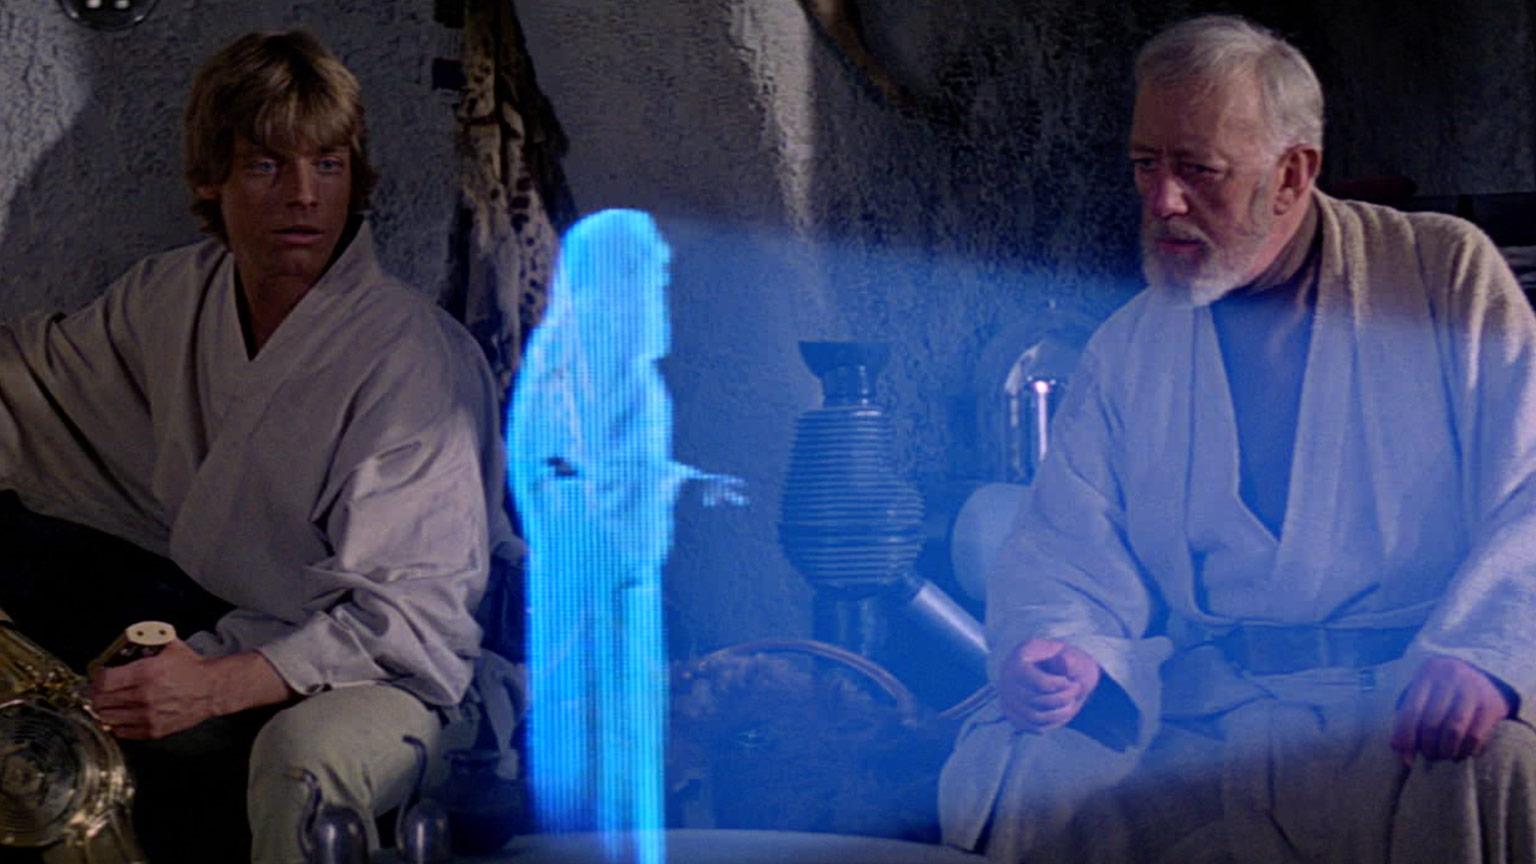 La tecnología de hologramas de 'Star Wars' ya es una realidad (+Video)